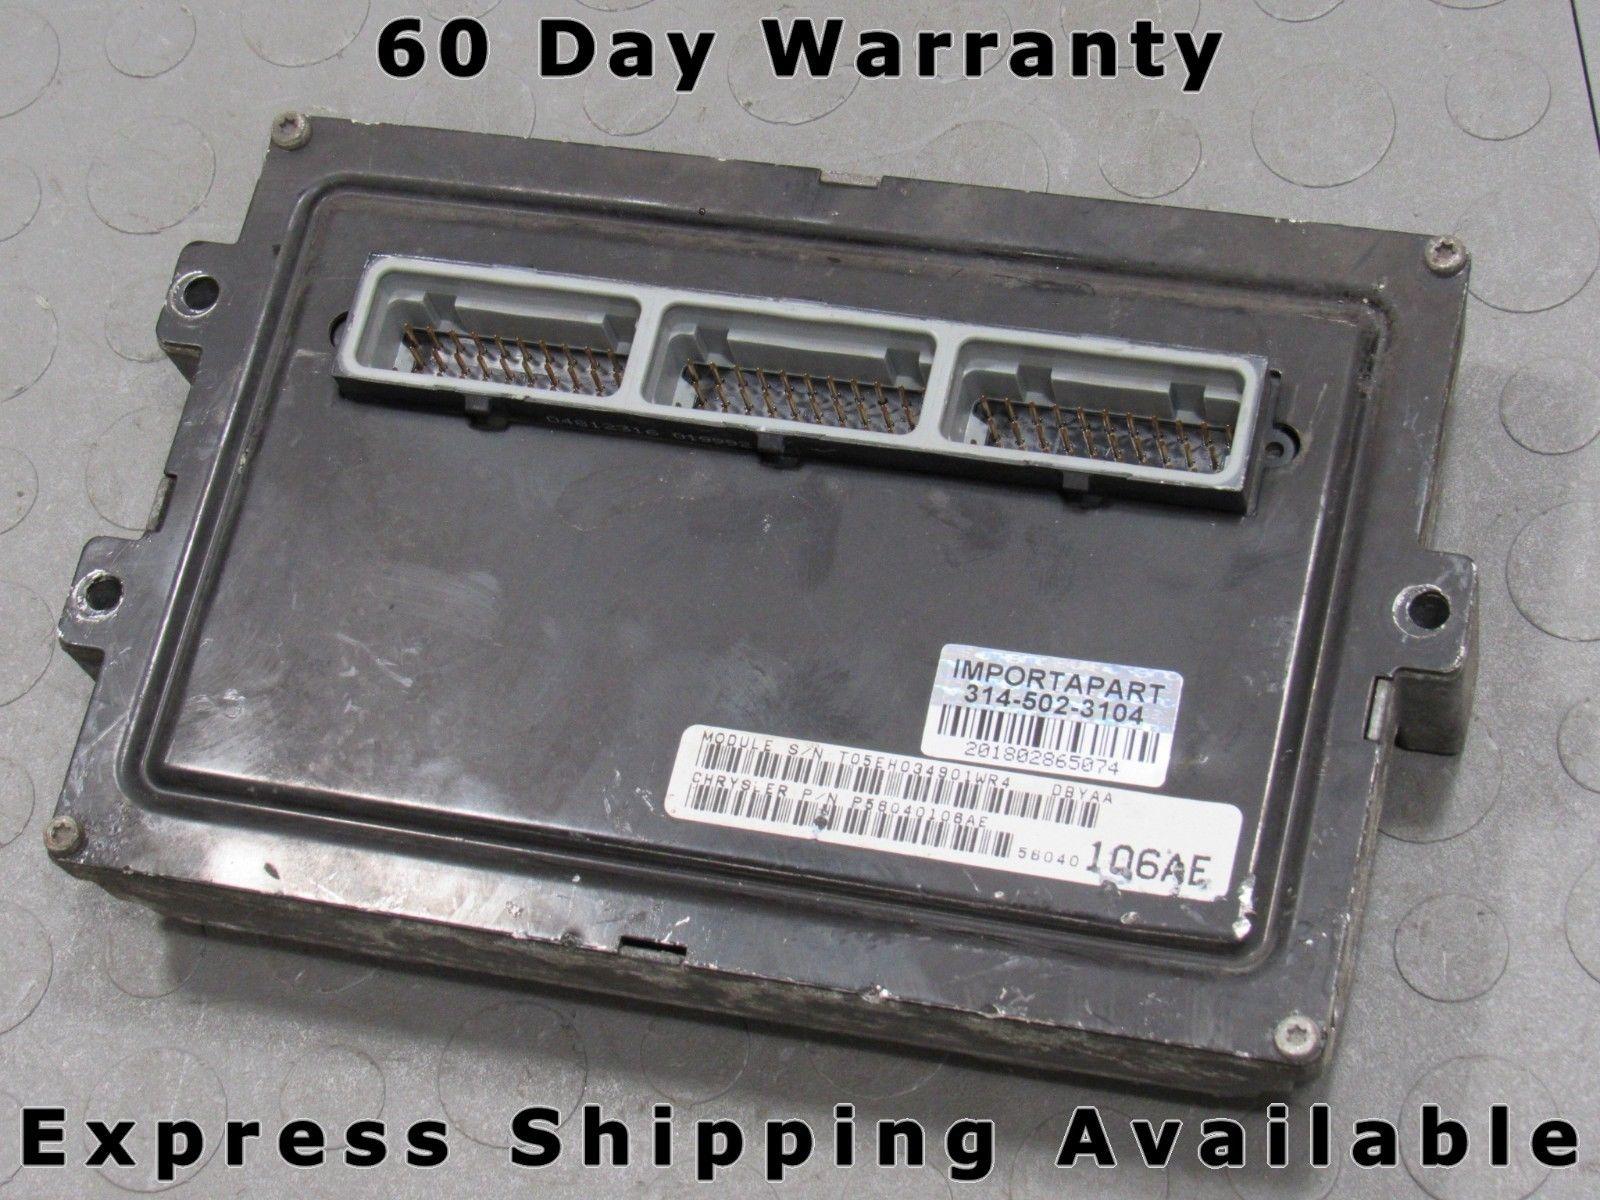 99 Dodge Durango 5 2 4 Pcm Ecm Ecu Engine Control Computer 56040106ae 106 J